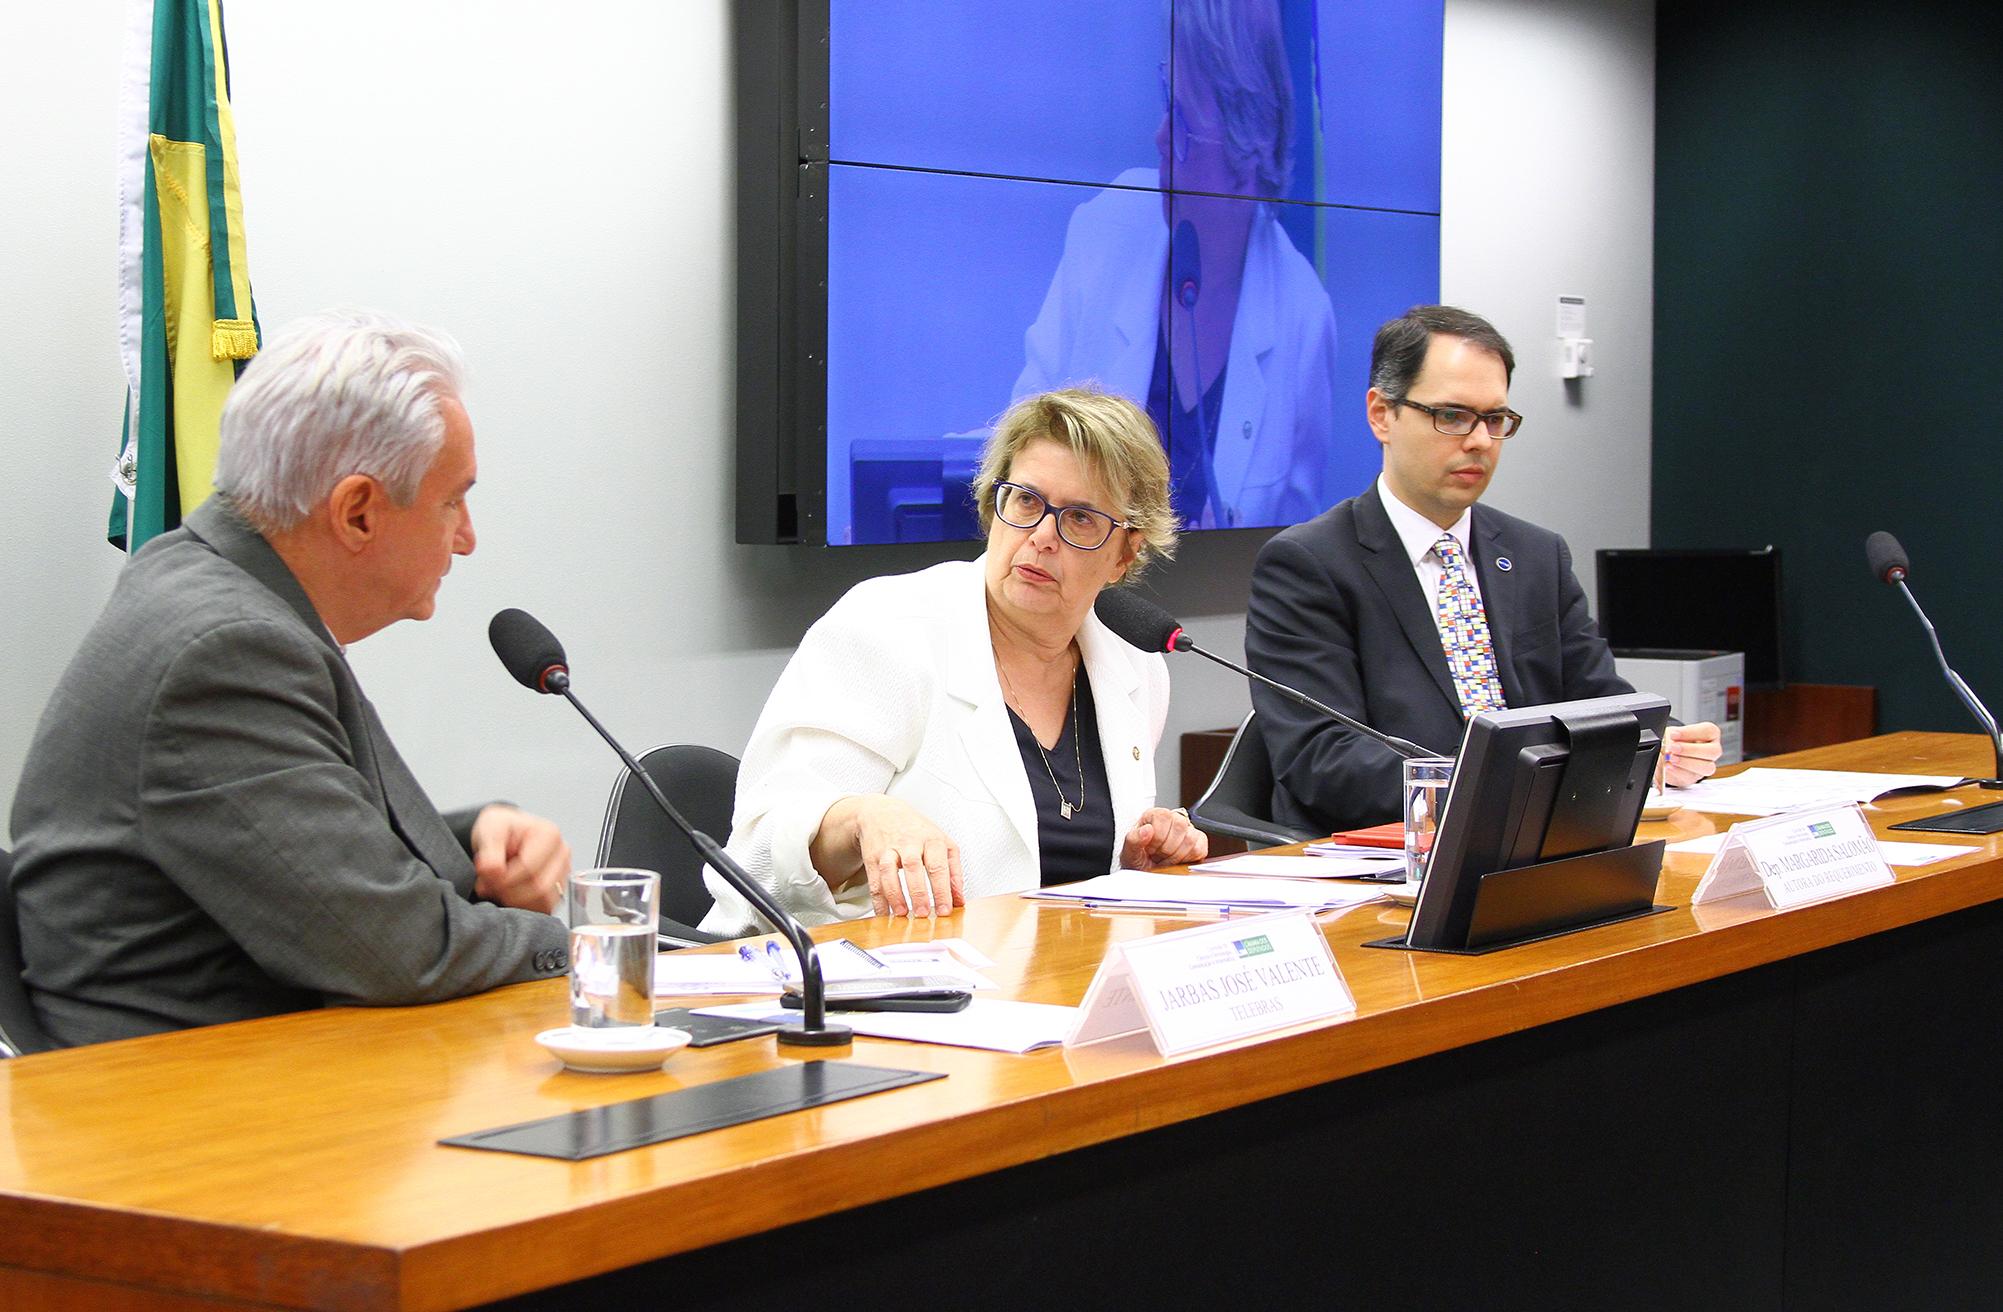 Audiência pública sobre os projetos e diretrizes da Telecomunicações Brasileiras S. A